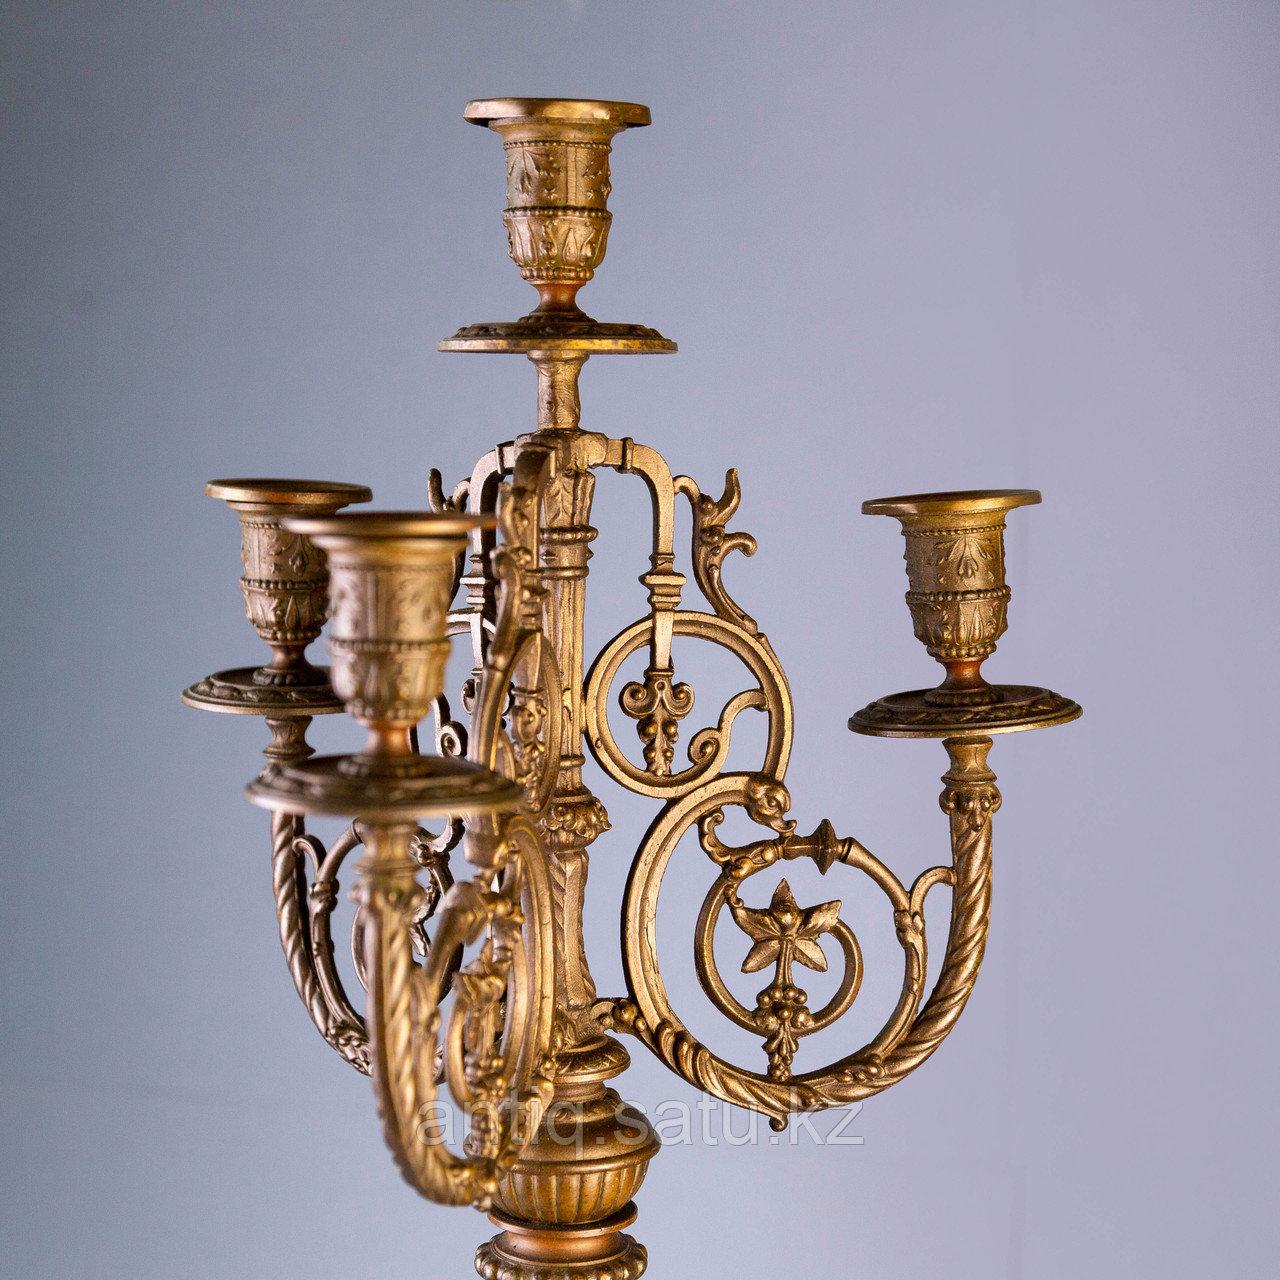 Монументальные канделябры в в стиле Императора Наполеона III Франция. II половина XIX века - фото 5